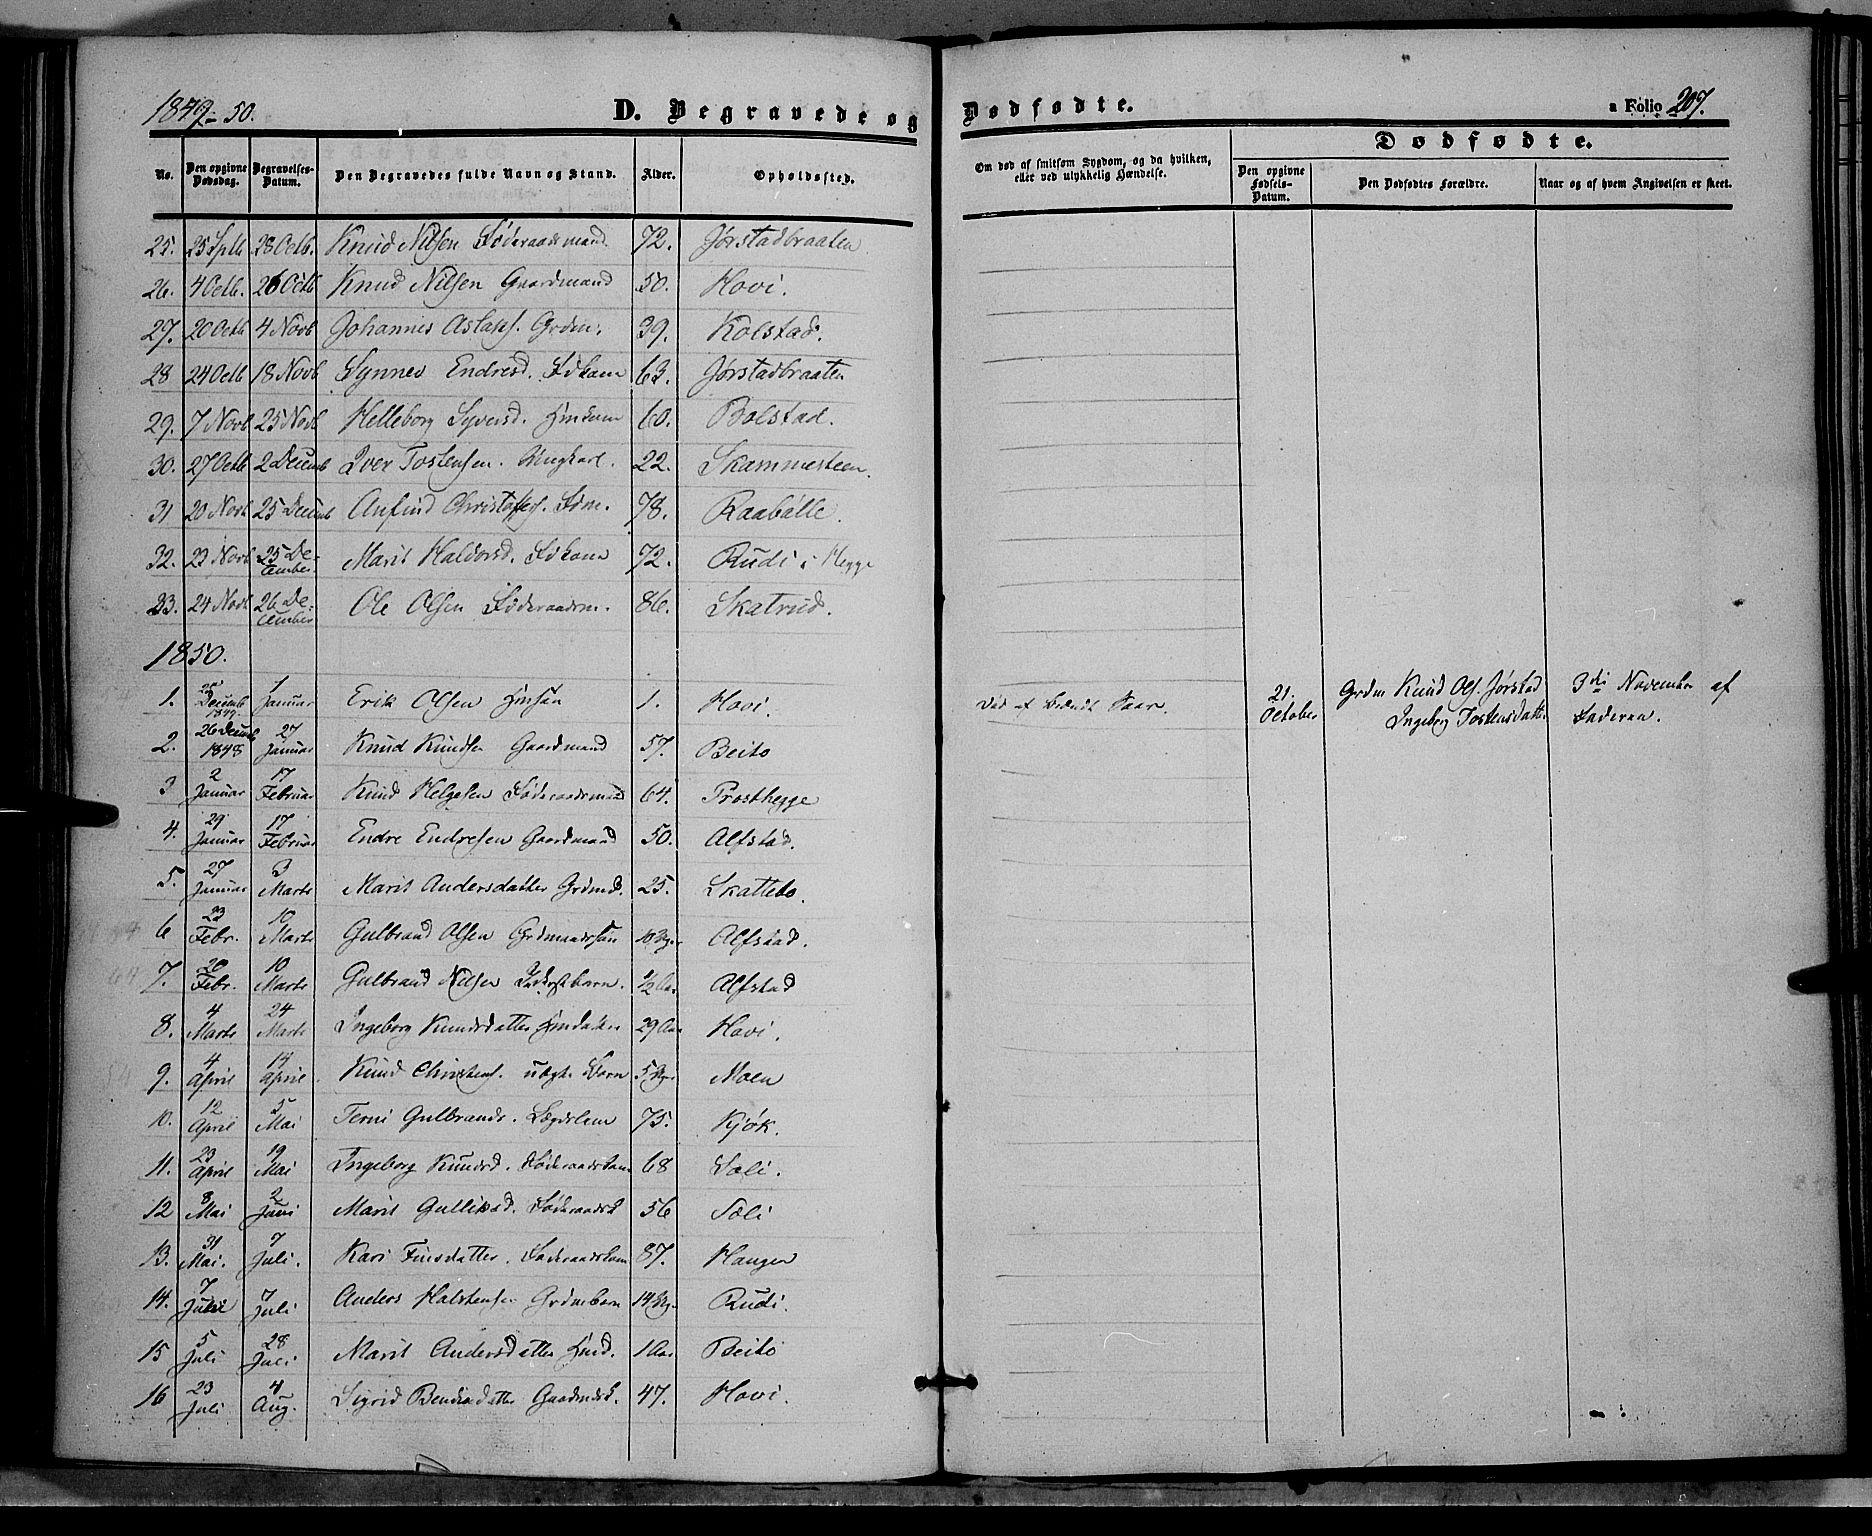 SAH, Øystre Slidre prestekontor, Ministerialbok nr. 1, 1849-1874, s. 207